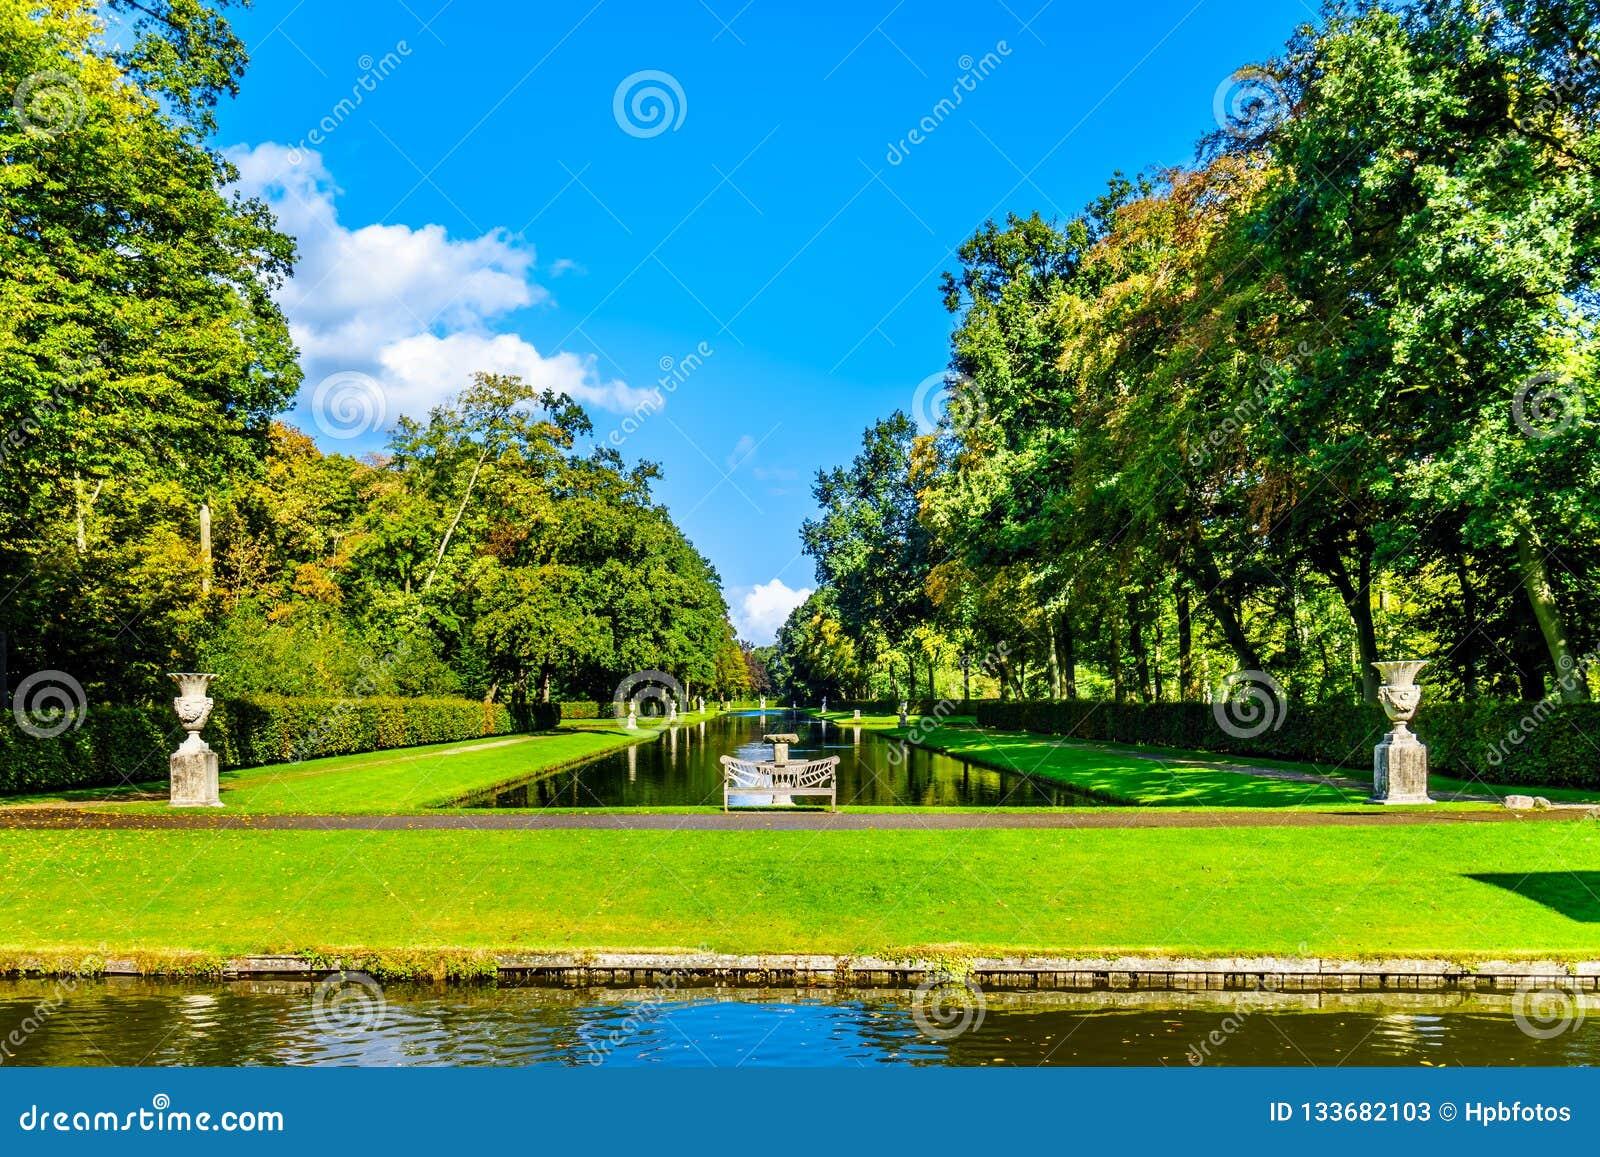 池塘和湖在围拢城堡德哈尔的公园